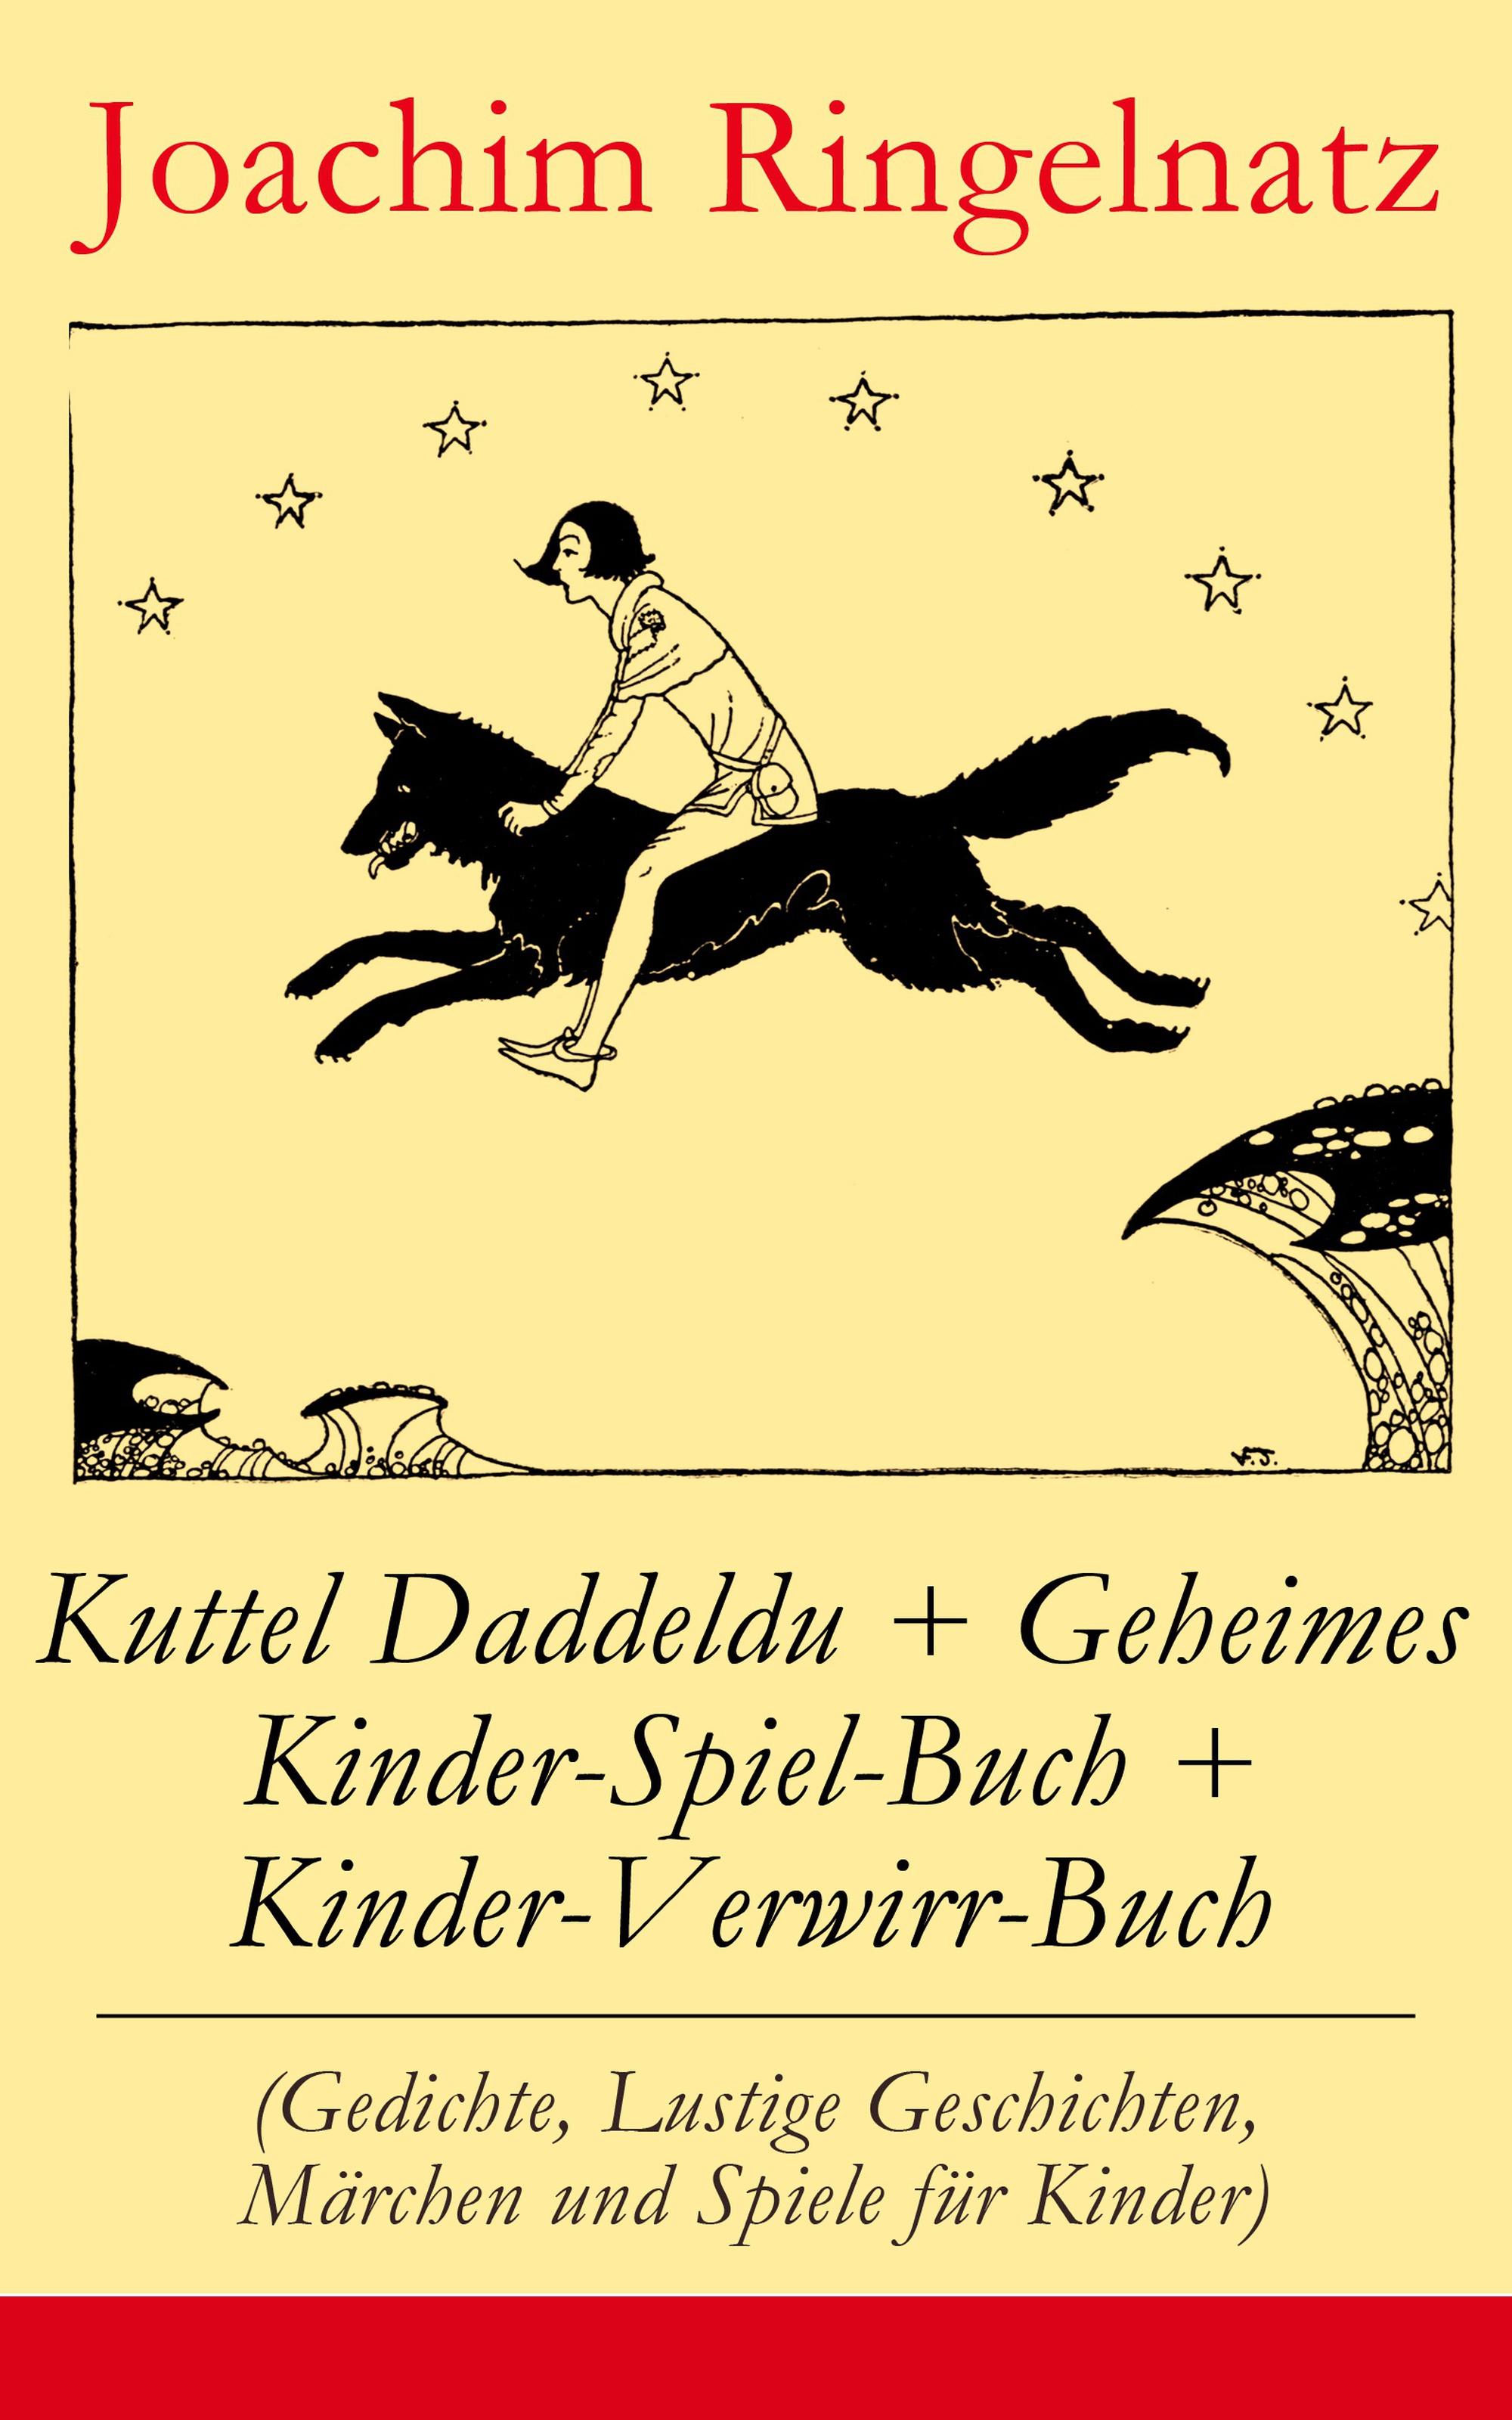 Joachim Ringelnatz Kuttel Daddeldu + Geheimes Kinder-Spiel-Buch + Kinder-Verwirr-Buch (Gedichte, Lustige Geschichten, Märchen und Spiele für Kinder) шоколадное яйцо kinder kinder joy 20 г